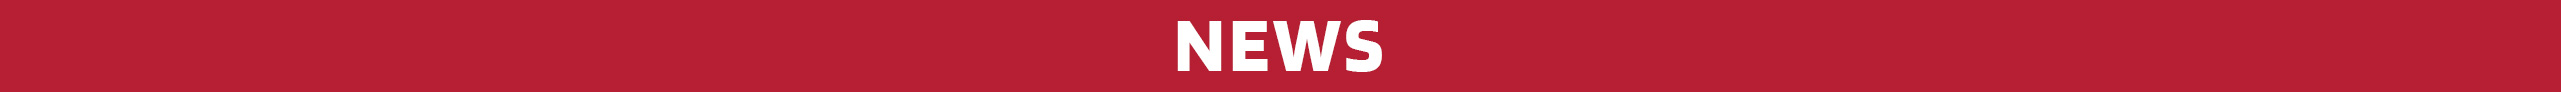 OTEPI-NEWS